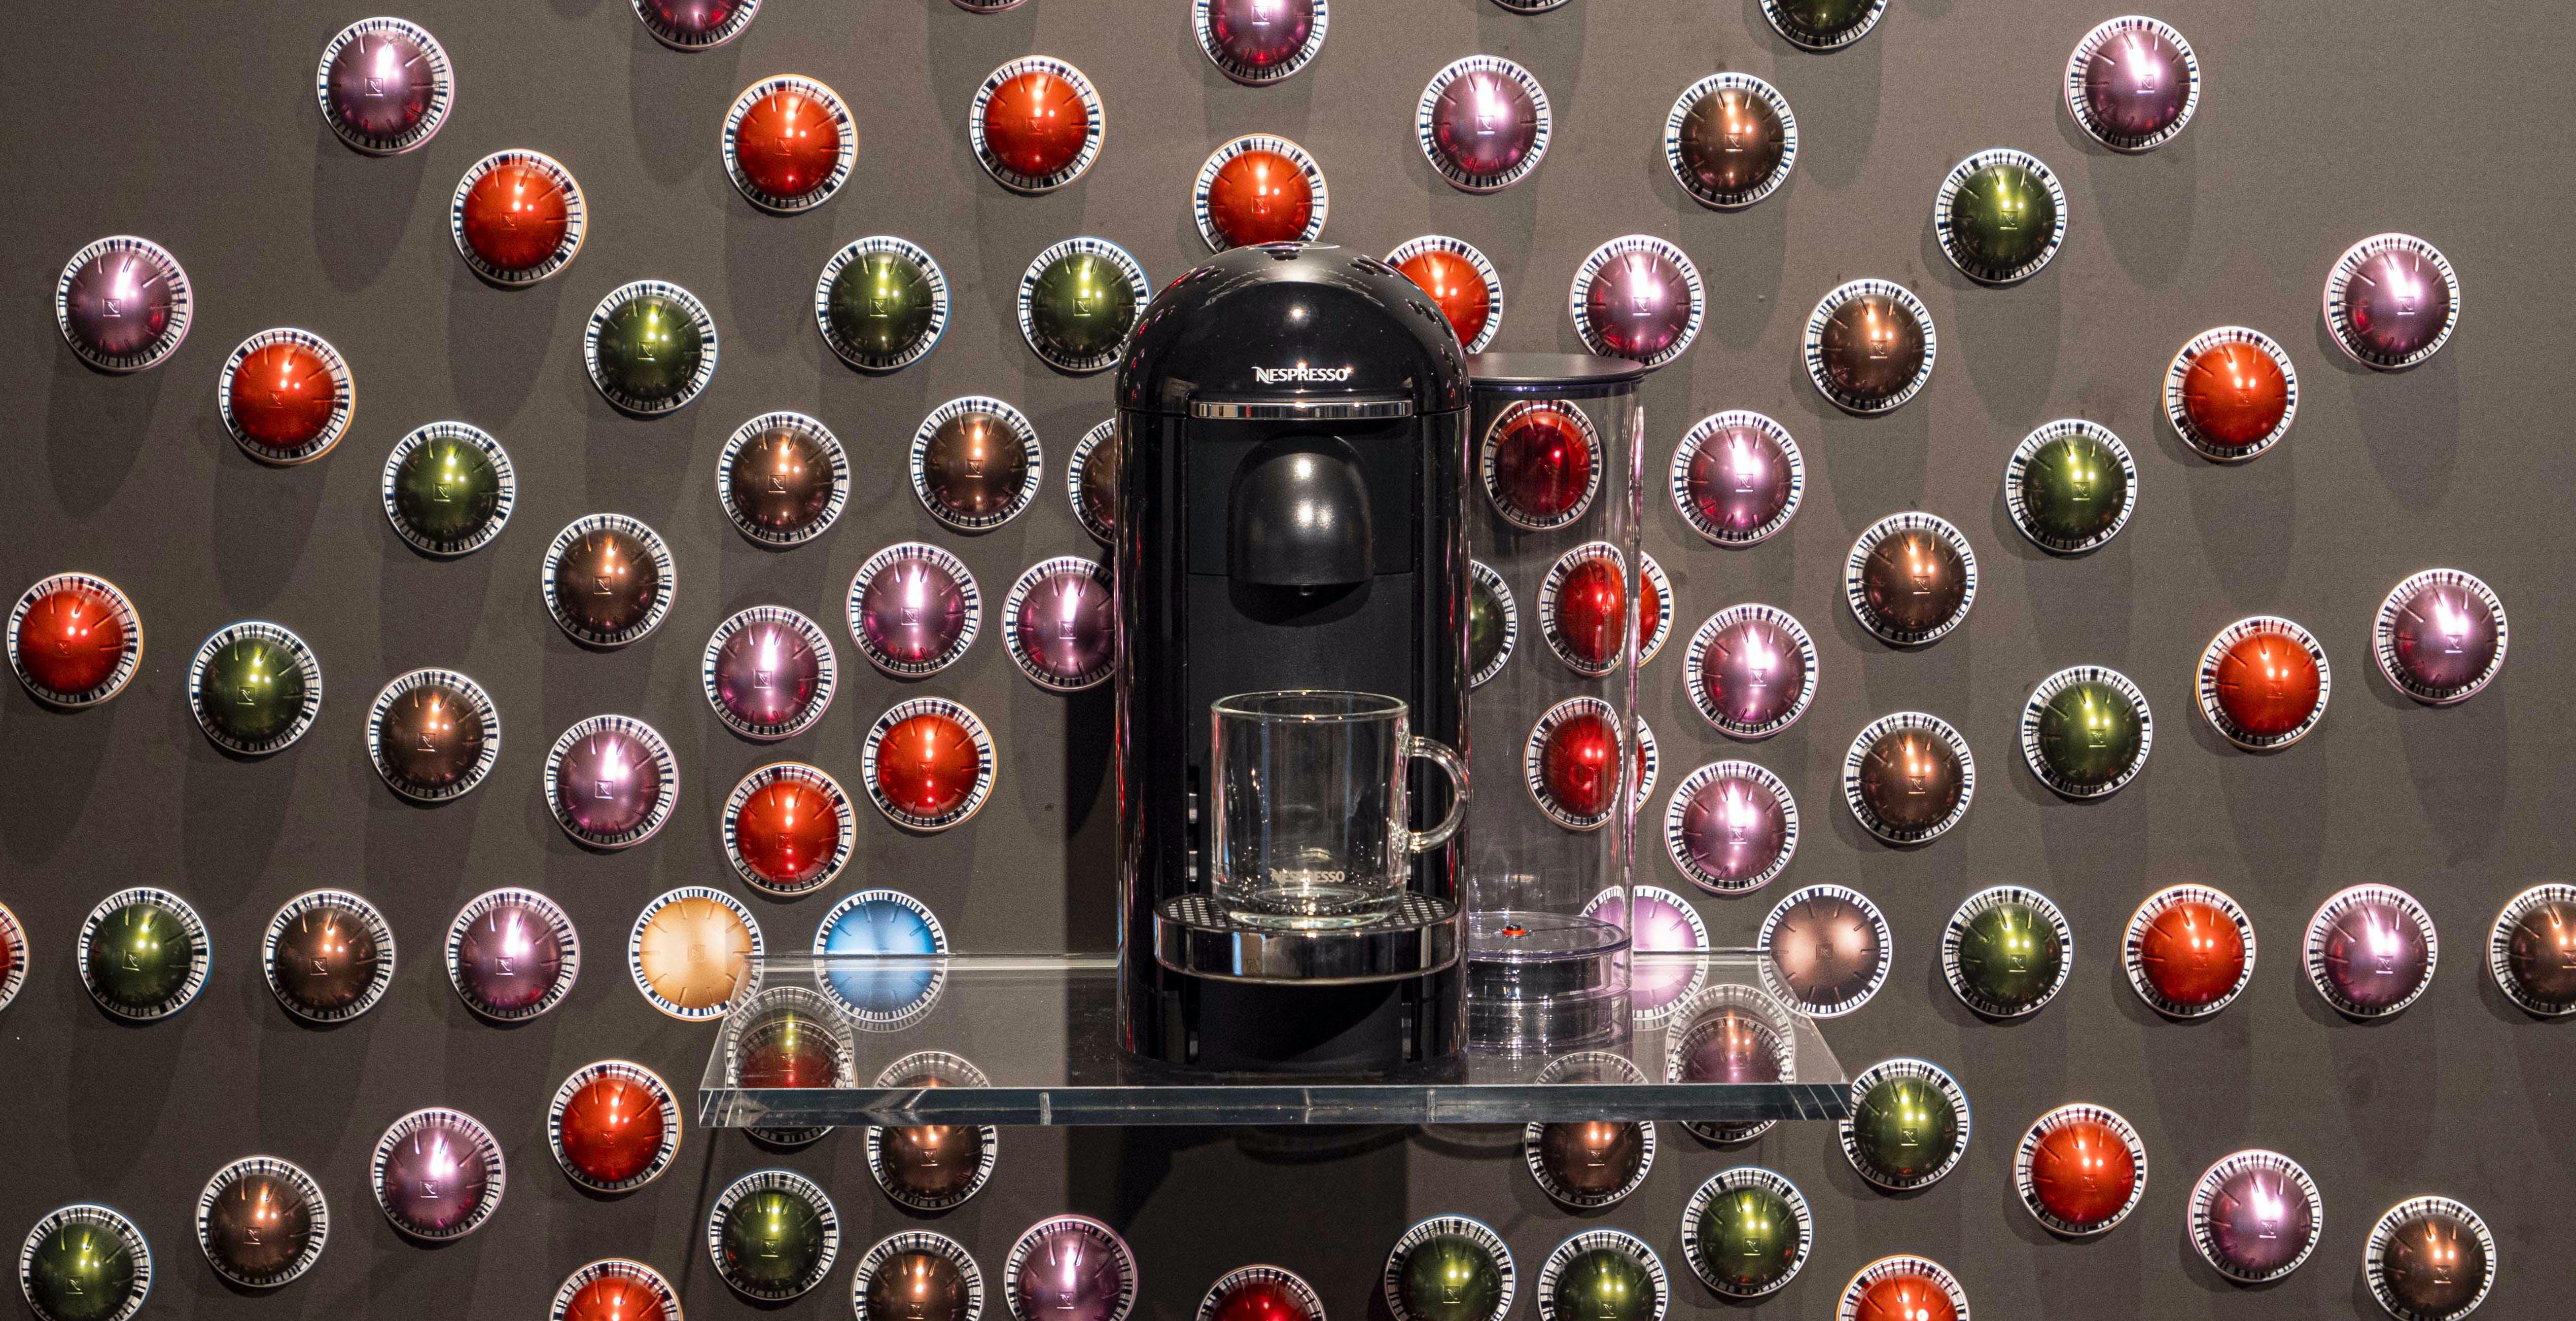 """Nespresso Vertuo, capsule a 7000 giri per un caffè con schiuma super. Nespresso: """"Espresso perfetto grazie al codice a barre"""""""